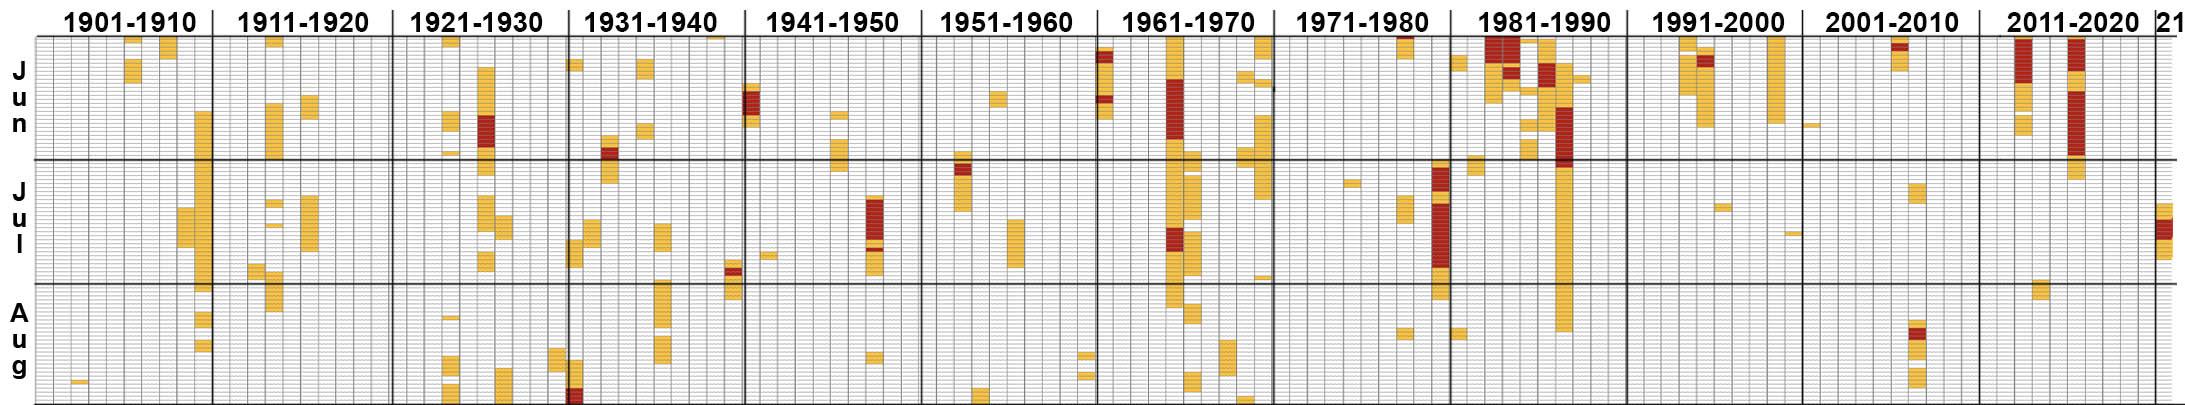 Dagen dat de Rijn bij Lobith gedurende de hele meetreeks in de zomermaanden een hoge afvoer had. In oranje de dagen met een afvoer boven 3.000 m3/s en in rood boven 4.000 m3/s. De verwachte hoge afvoeren van deze week zijn ook al aangegeven.